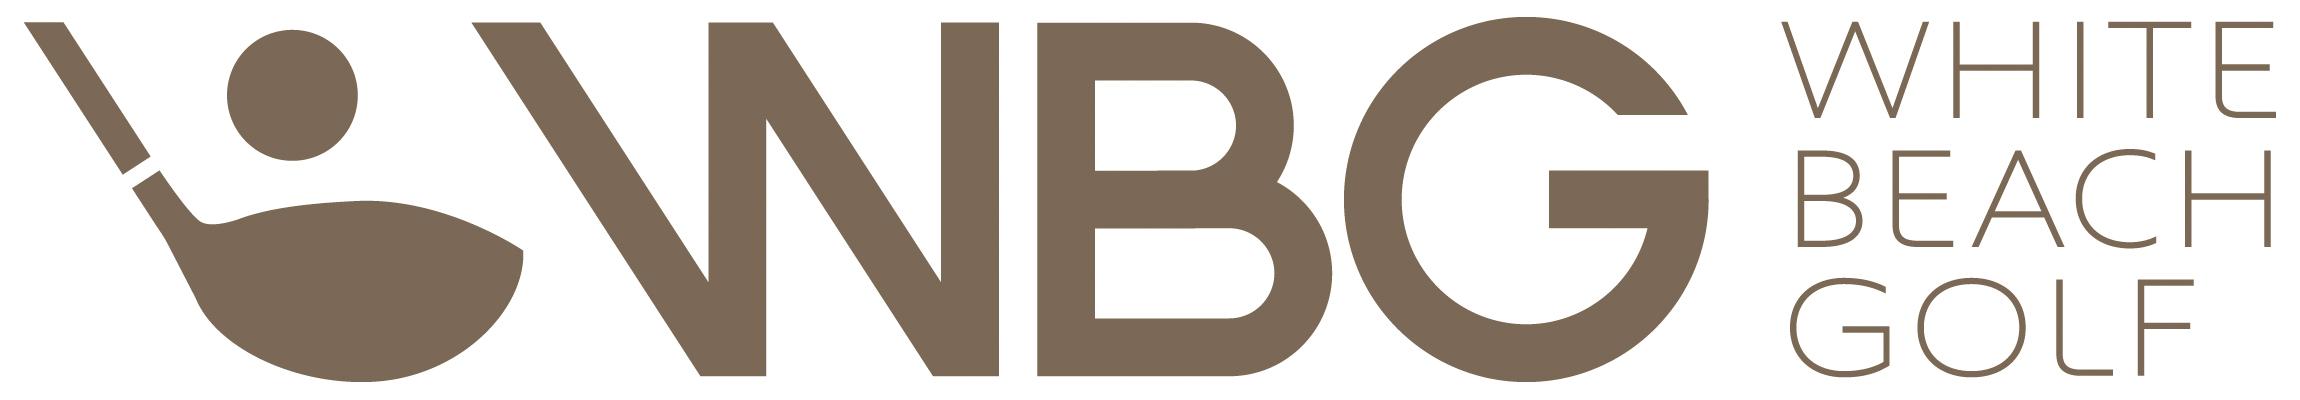 WBG_logo-1